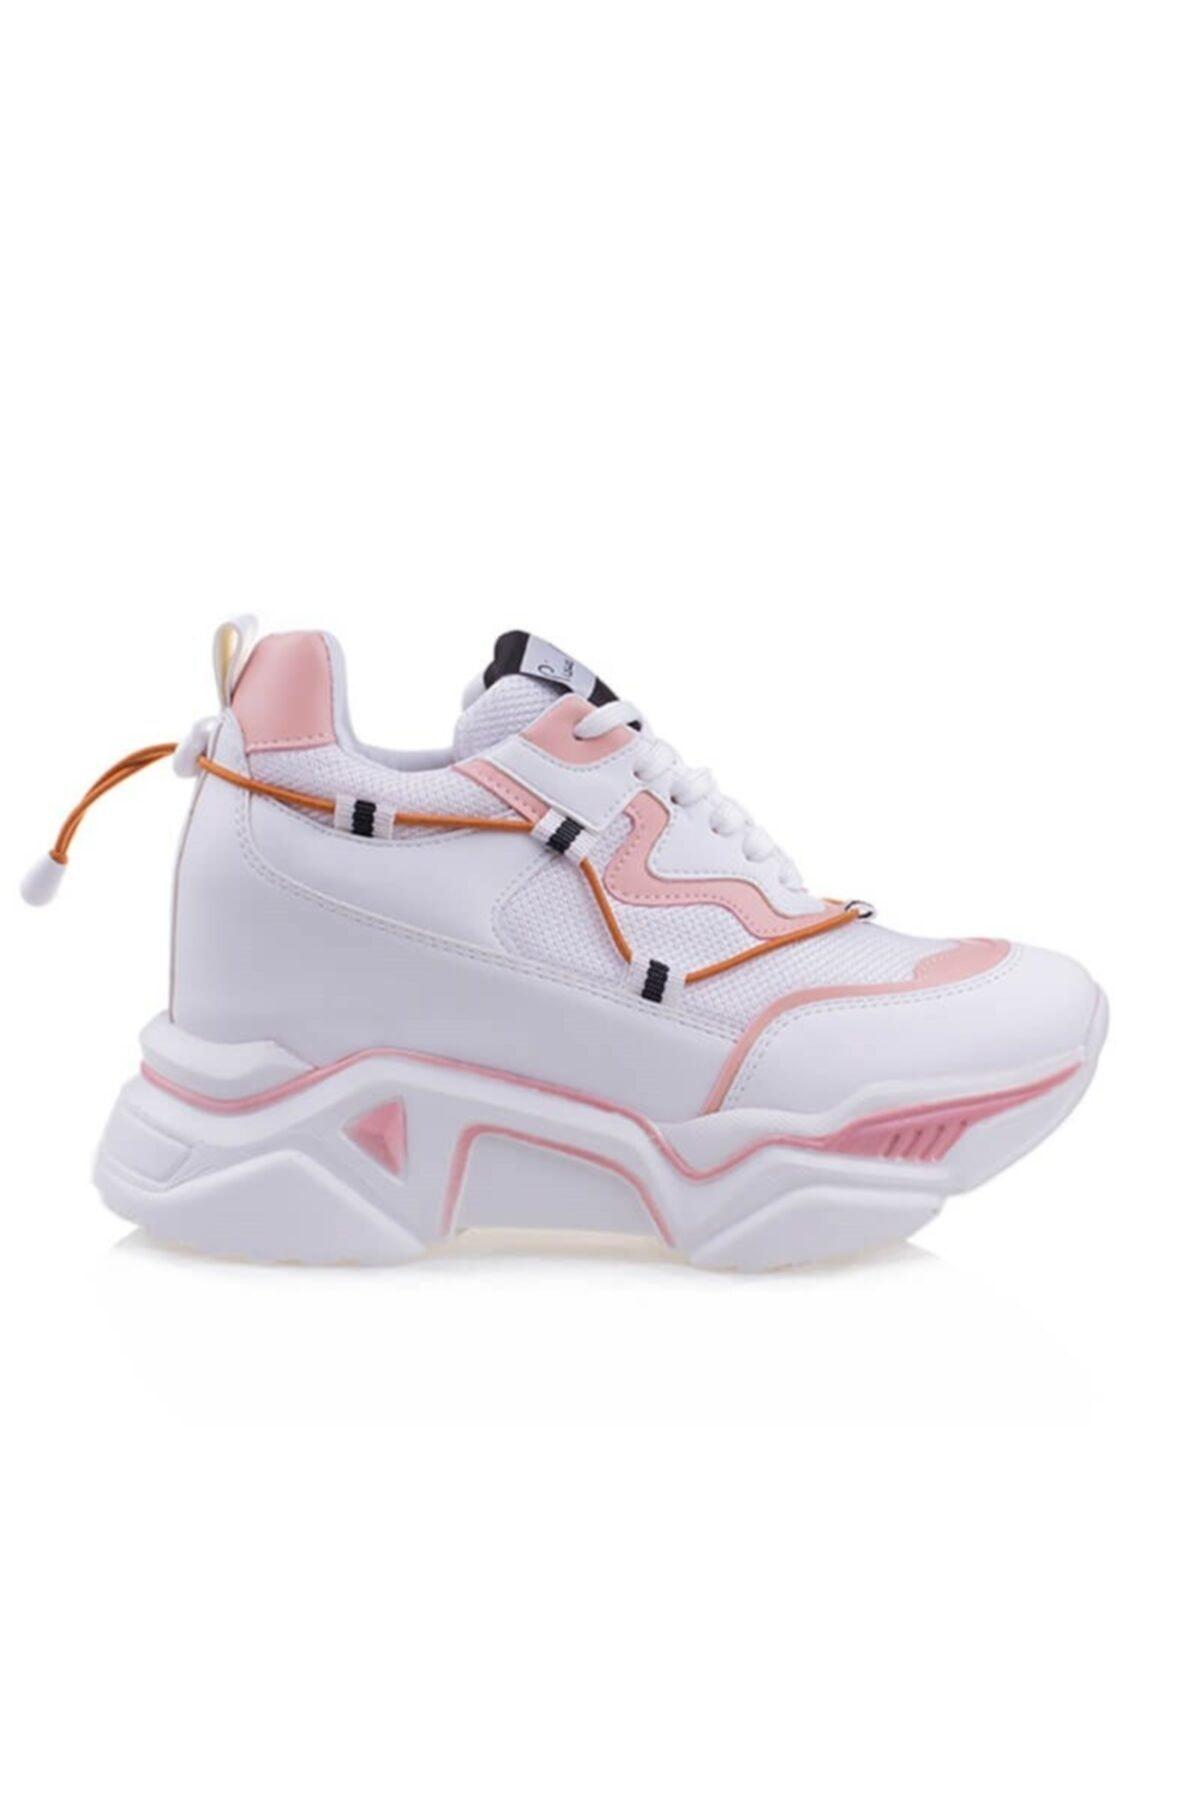 Pierre Cardin Gizli Topuklu 10cm Kadın Beyaz Pudra Ayakkabı 1